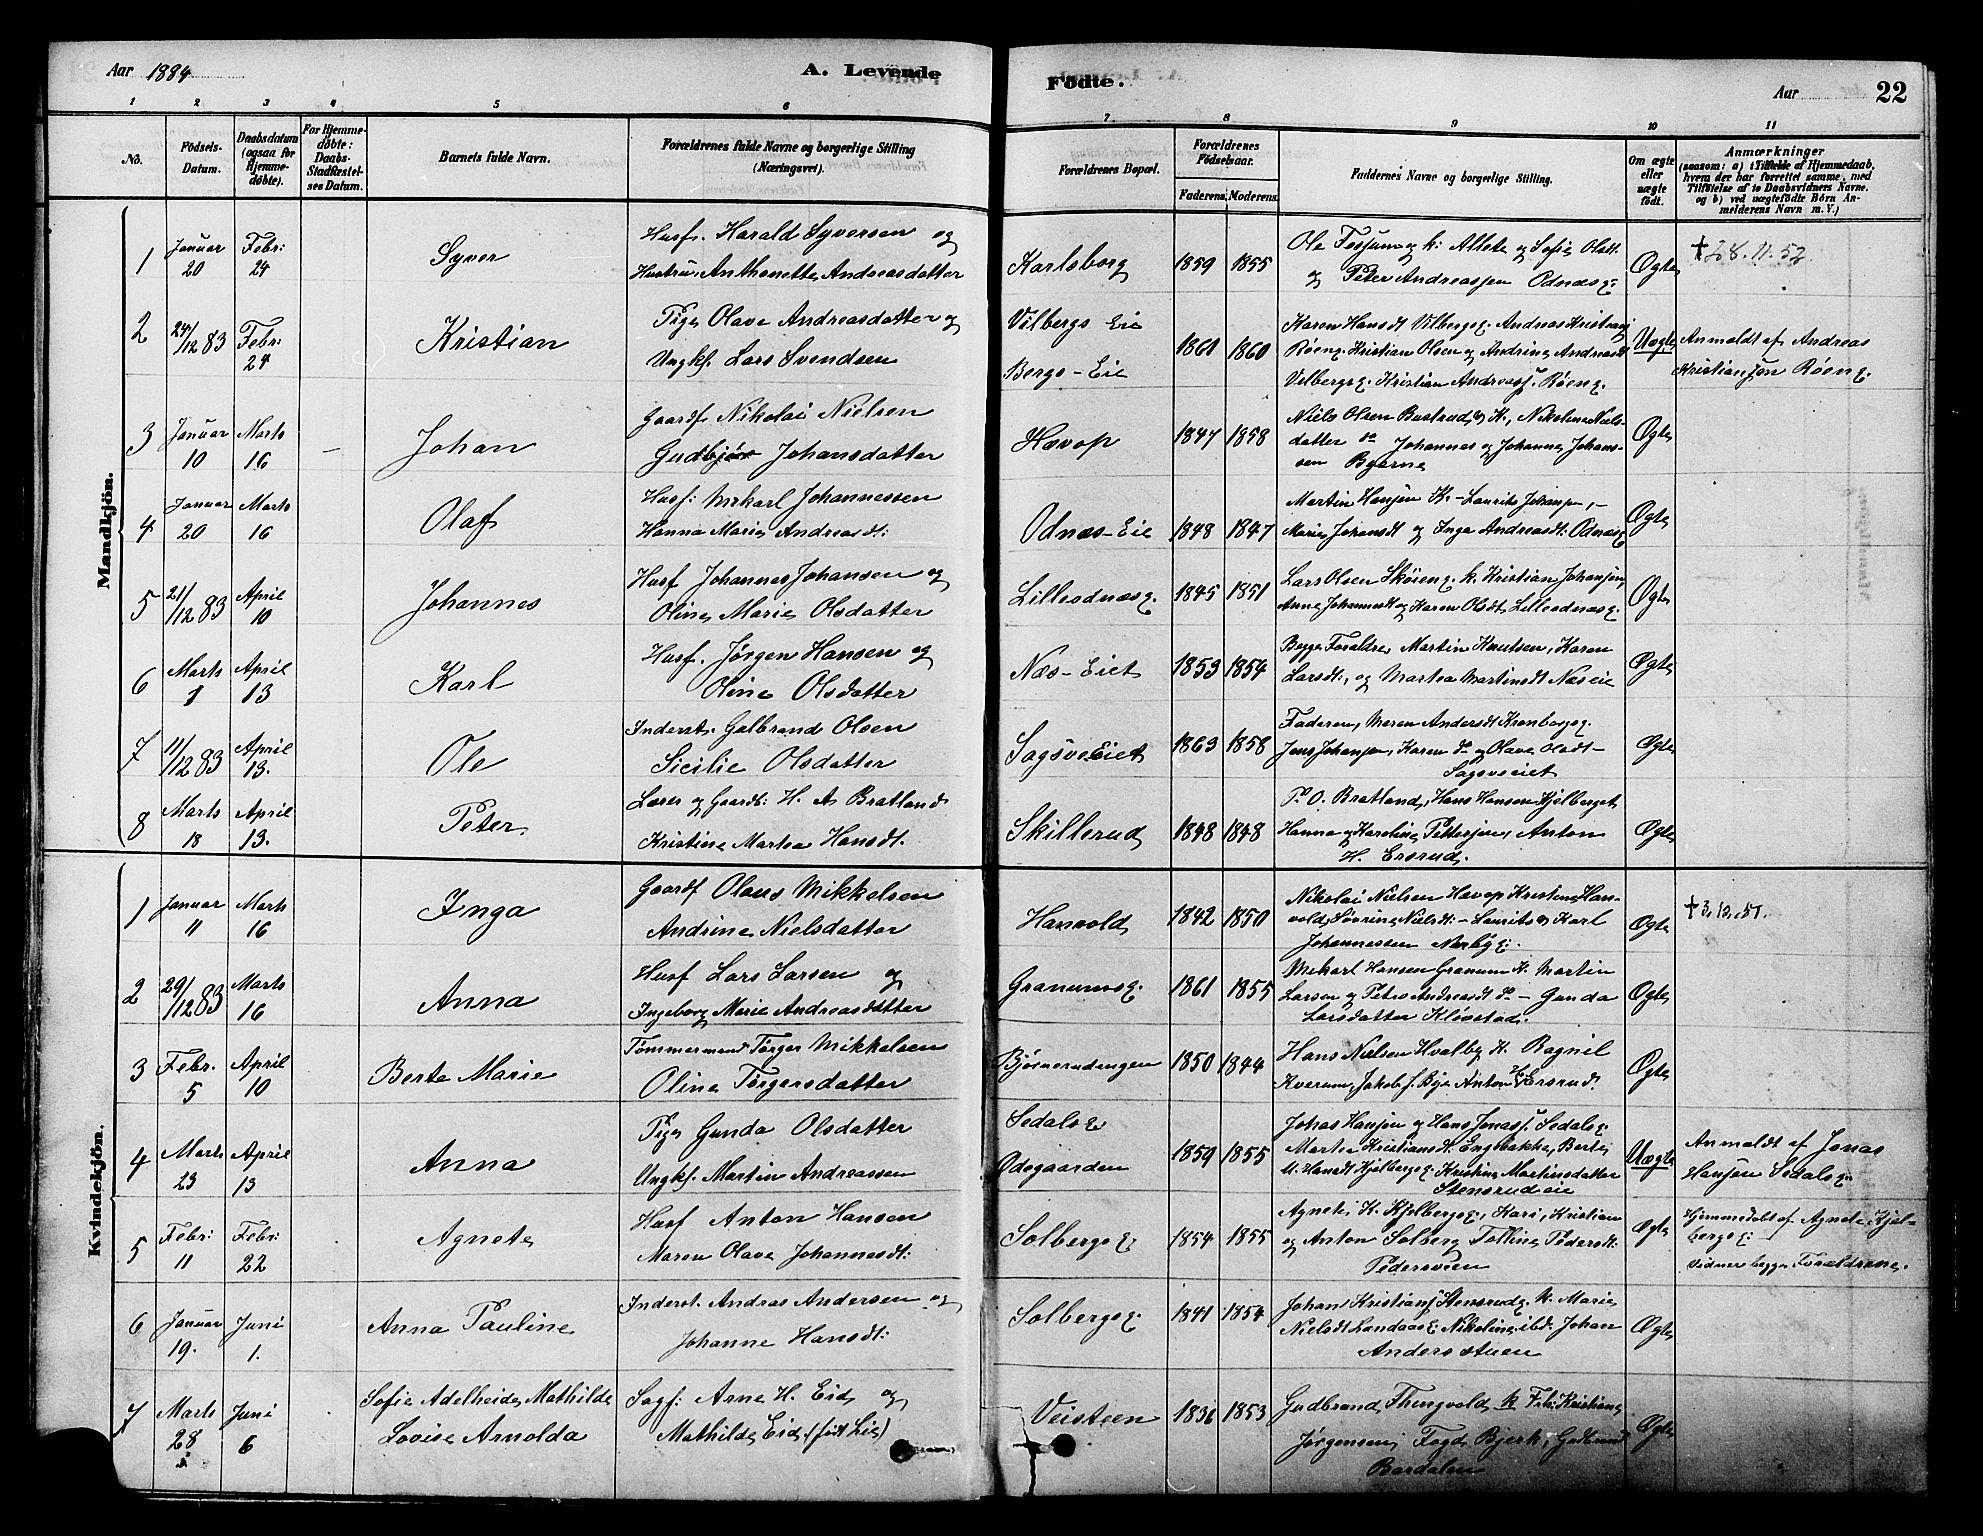 SAH, Søndre Land prestekontor, K/L0002: Ministerialbok nr. 2, 1878-1894, s. 22